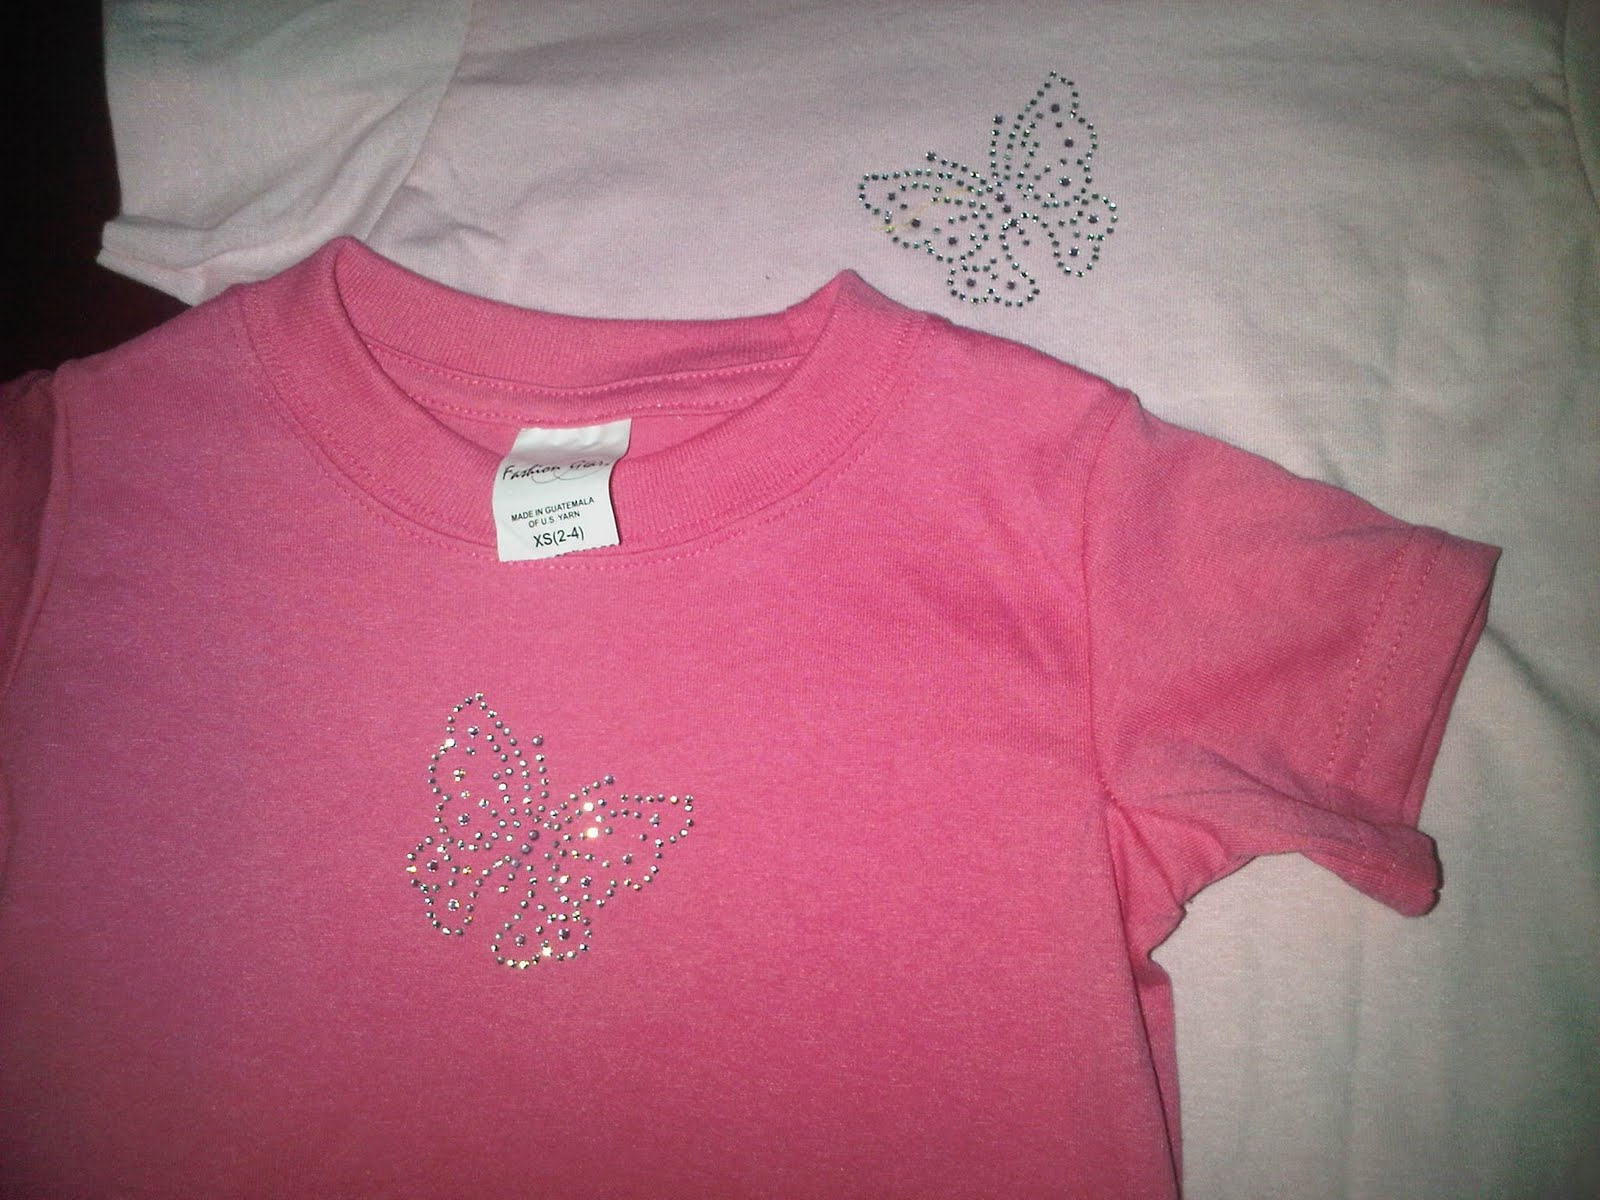 http://1.bp.blogspot.com/-2npD31LNRzQ/TchXAI1QG-I/AAAAAAAAAUU/5PXB3O-0ybw/s1600/pink+shirts.JPG